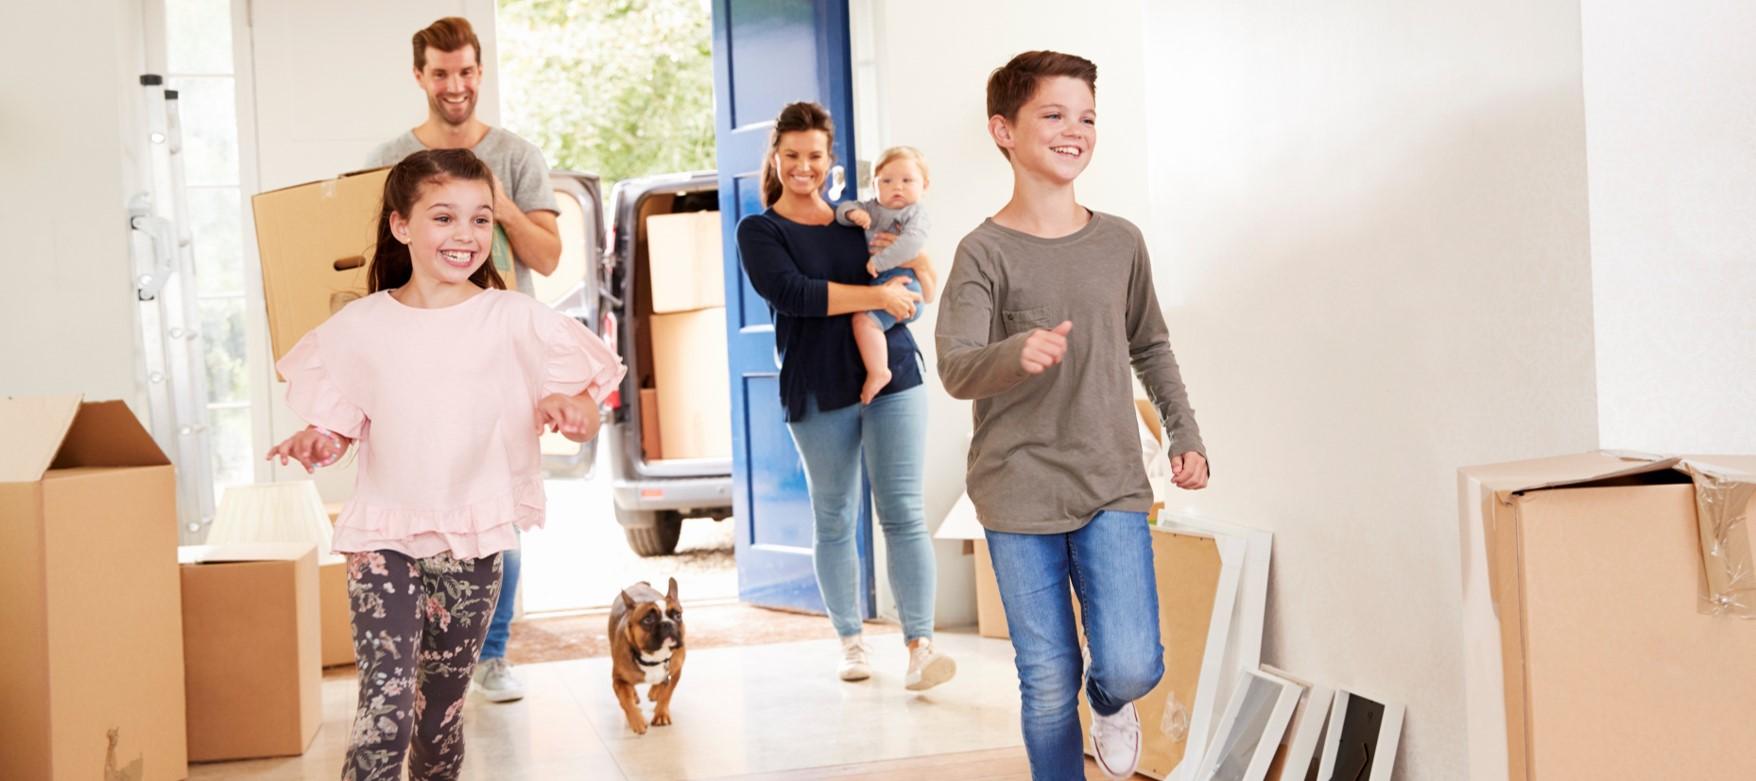 Millennials Smart Home Adoption